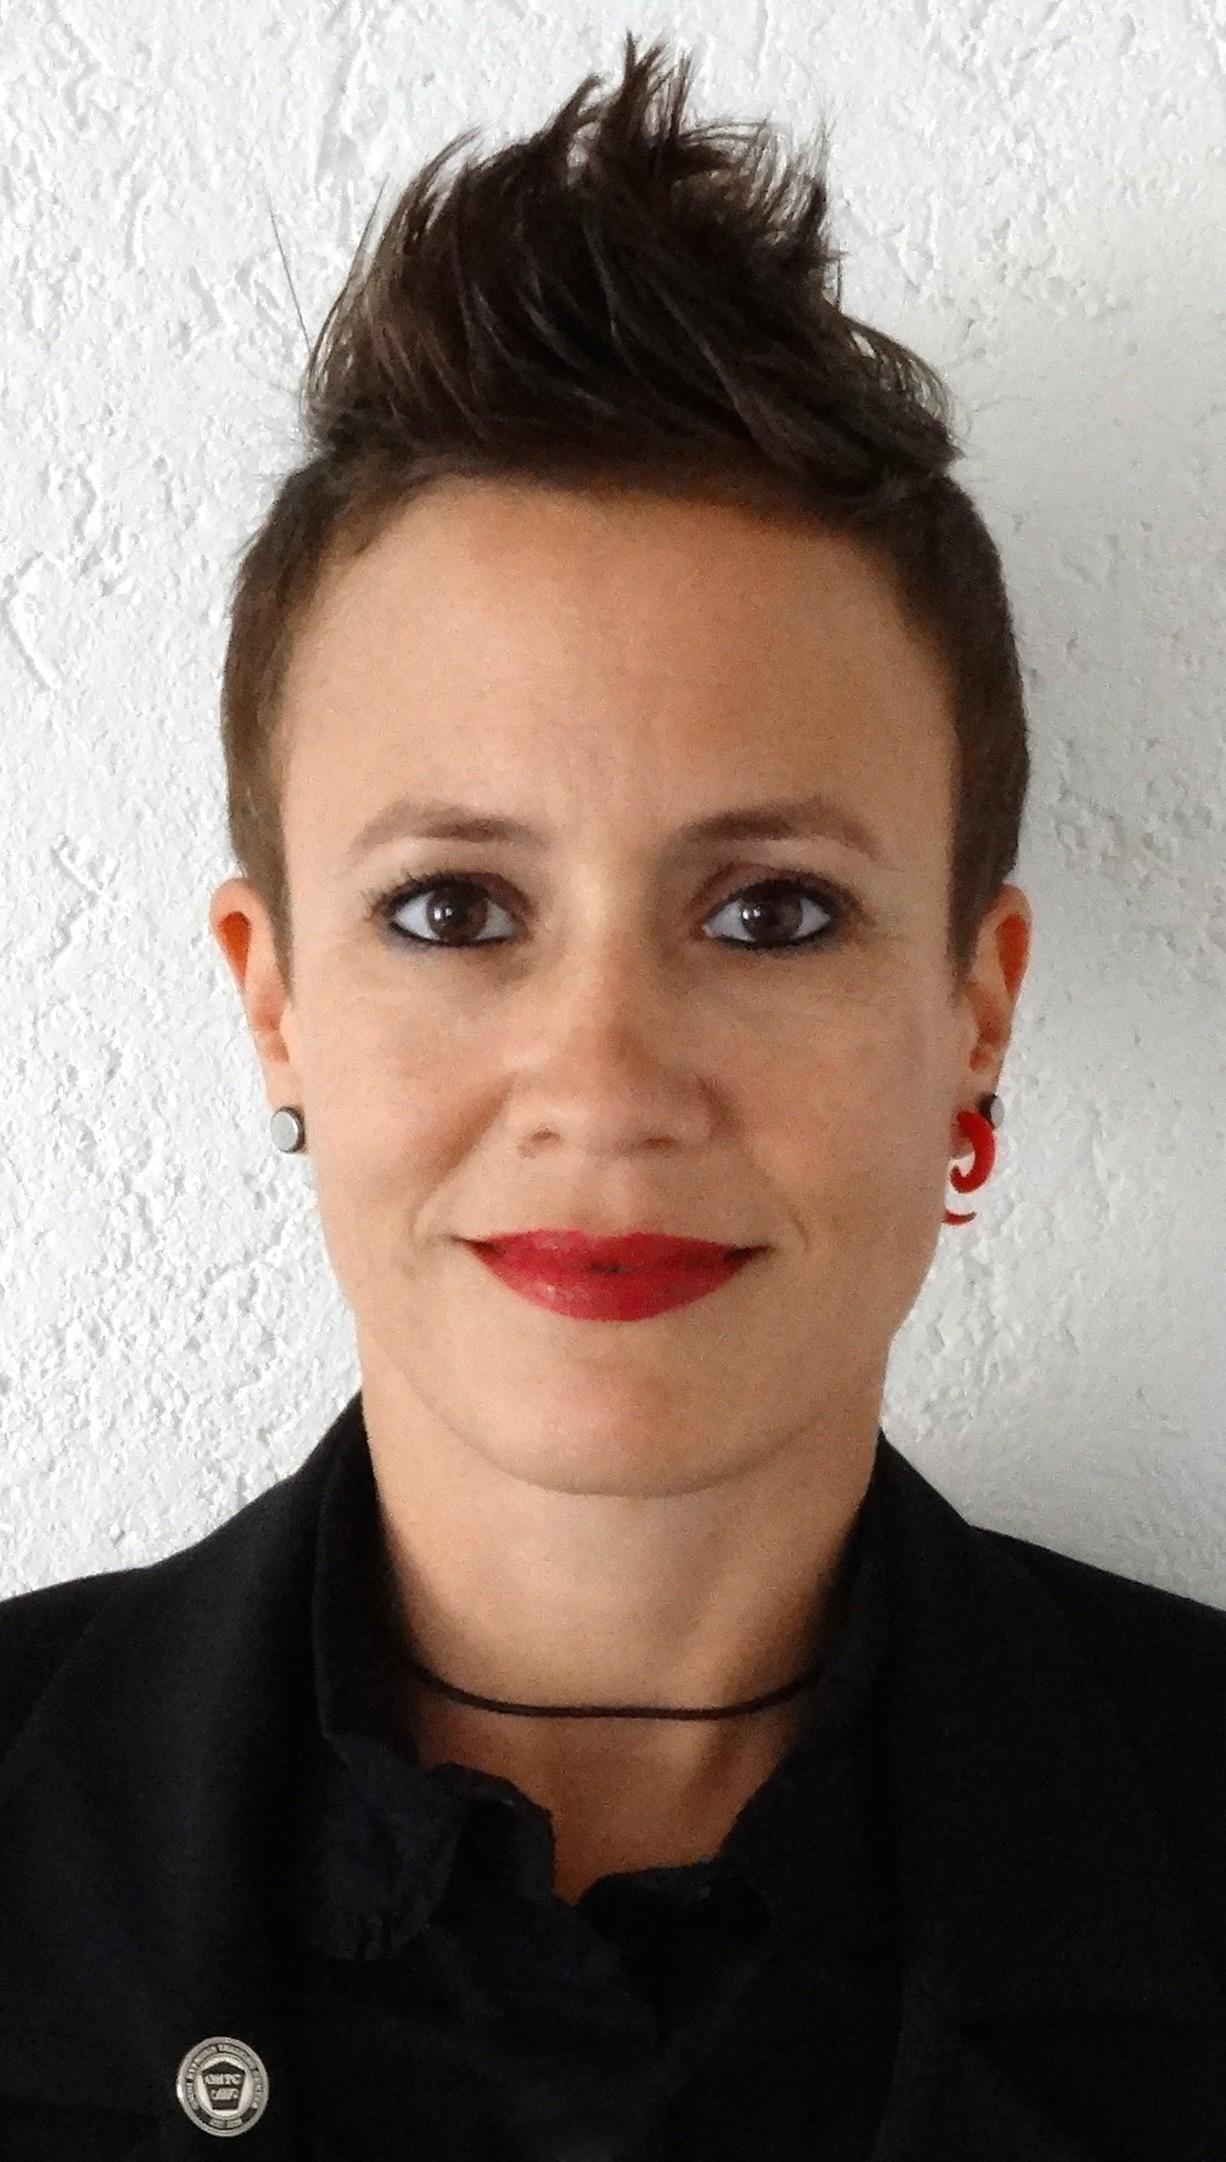 Mein Name ist Tanja Leuenberger. Ich wurde 1977 in Bern geboren. Ich habe ursprünglich eine kaufmännische Ausbildung gemacht und einige Jahre in der ... - PROFILBILD